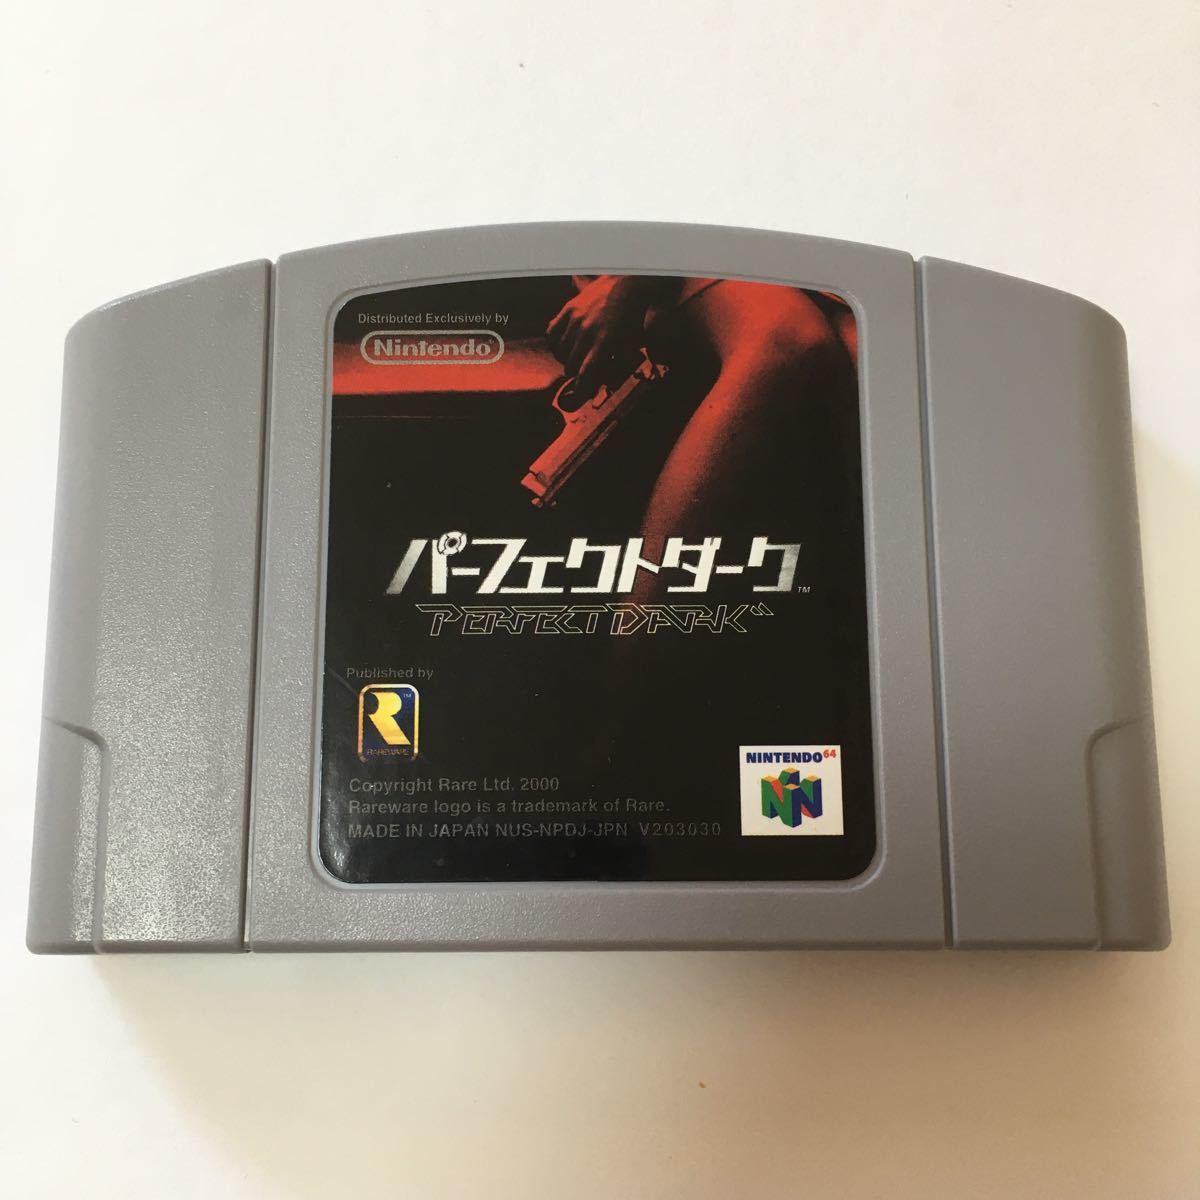 ニンテンドー64 ソフト パーフェクトダーク 箱、説明書付き 動作確認済み カセット 任天堂 シューティング レトロ ゲーム